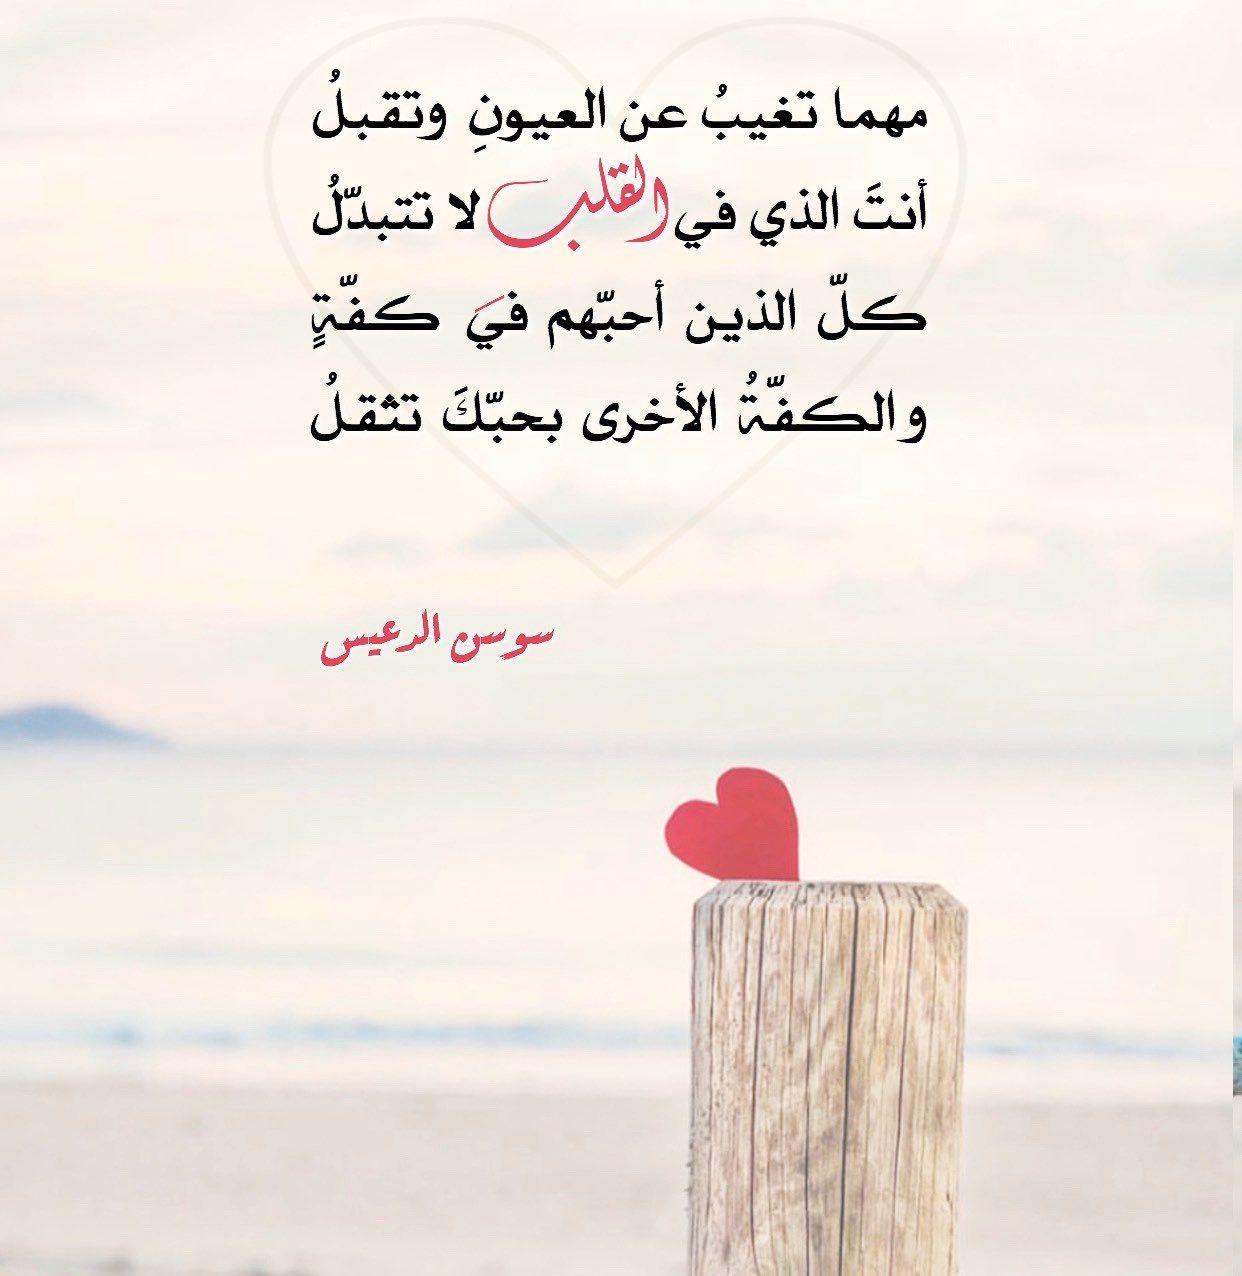 مهما تغيب عن العيون وتقبل أنت الذي في القلب لا تتبد ل كل الذين أحب هم في كف ة والكف ة الأ Islamic Quotes Quran Islamic Quotes Quotes